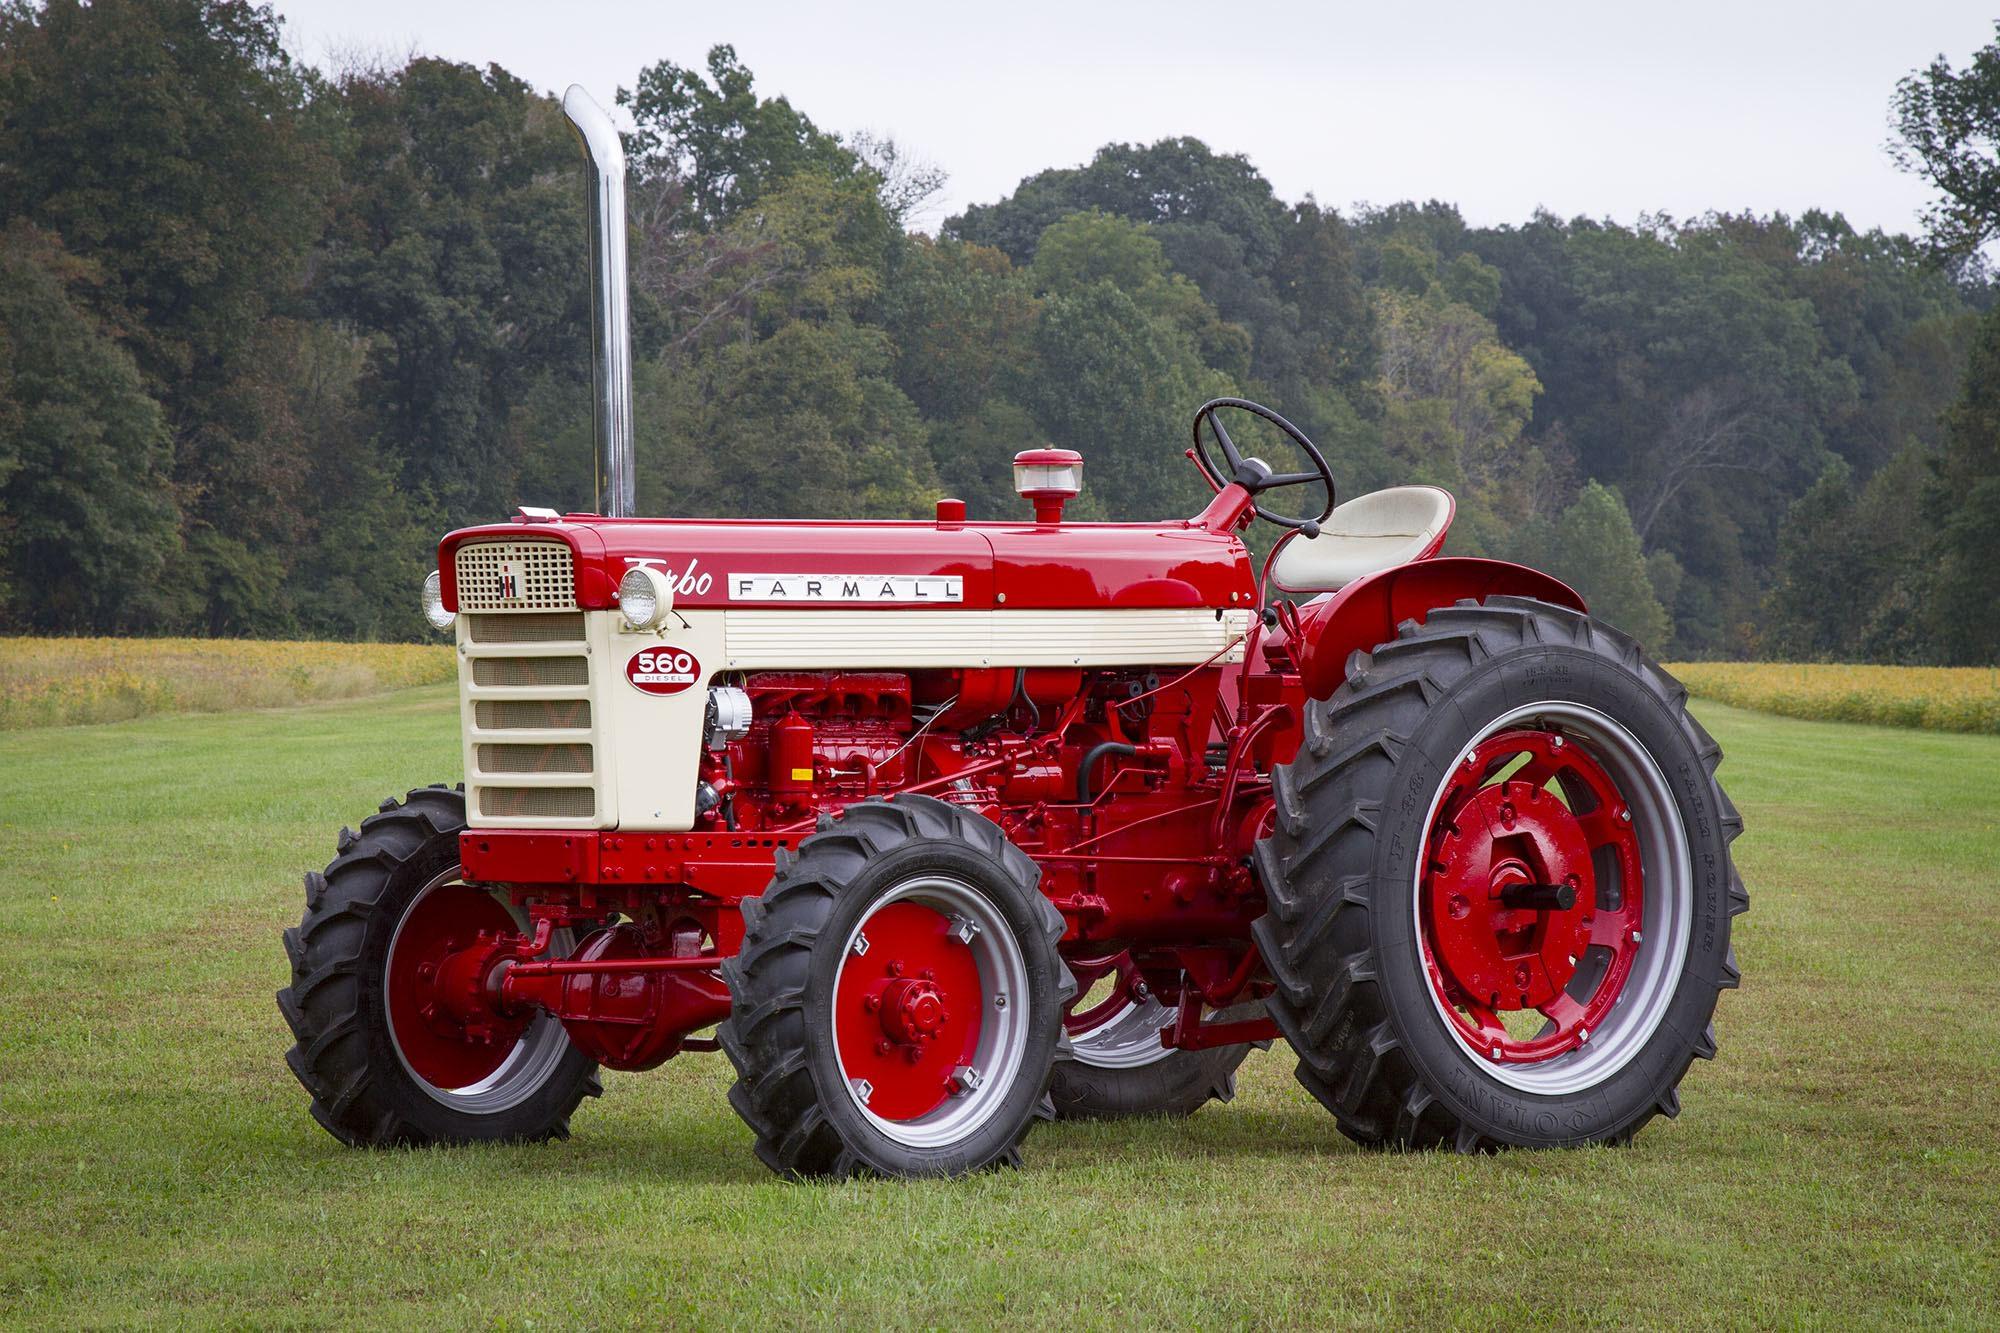 1959 Farmall Turbo 560 Diesel